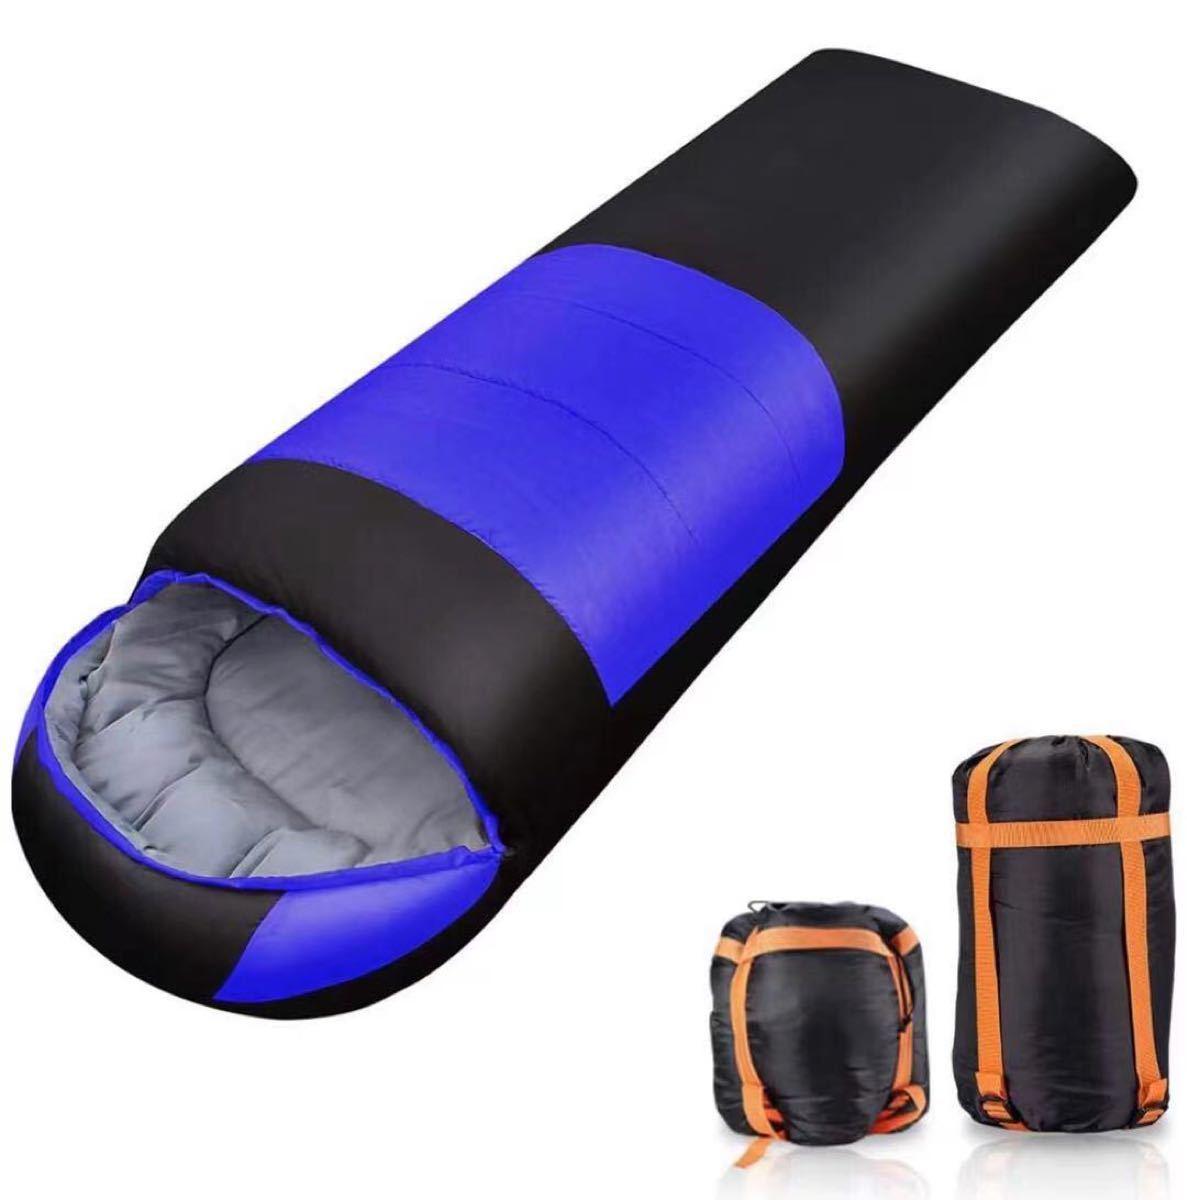 寝袋 キャンプ封筒型 アウトドア  登山 車中泊 防災用 軽量 保温